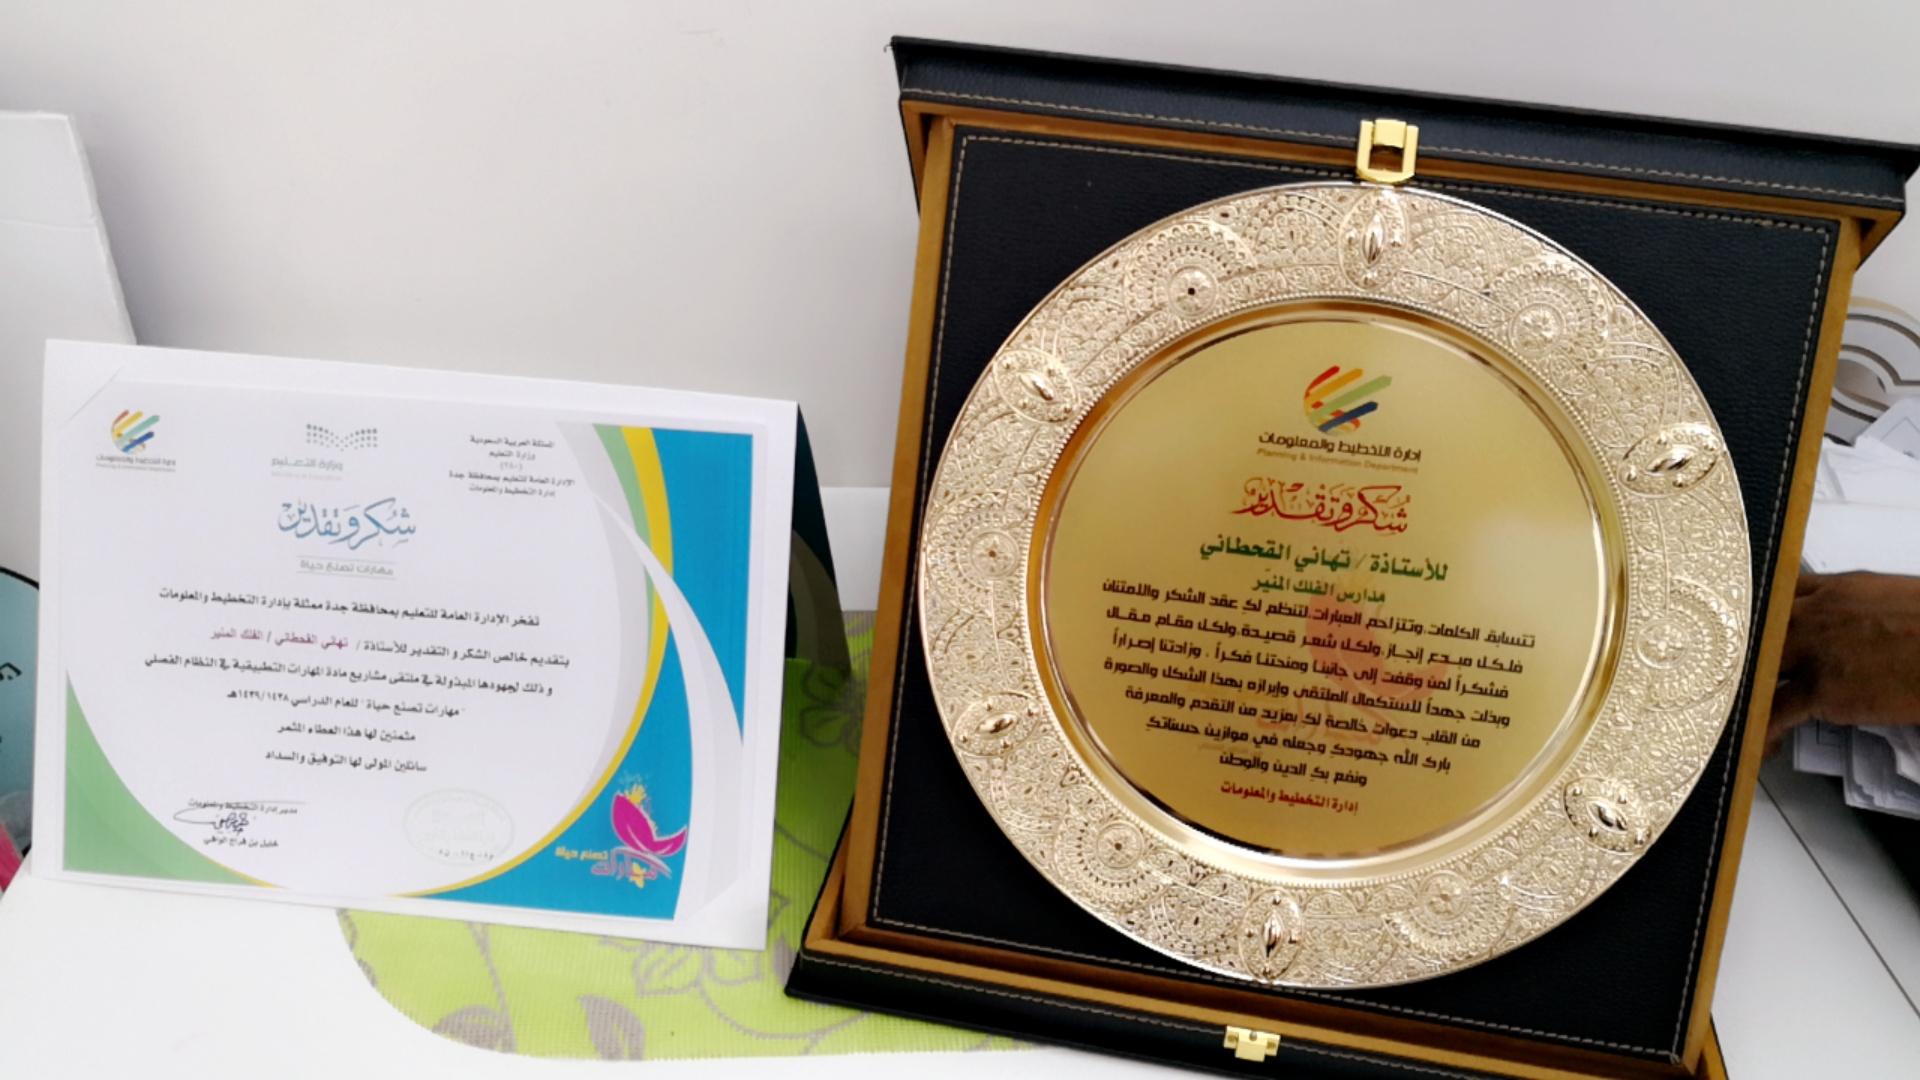 تكريم المعلمة تهاني القحطاني لمشاركتها في ملتقى مهارات تصنع الحياة